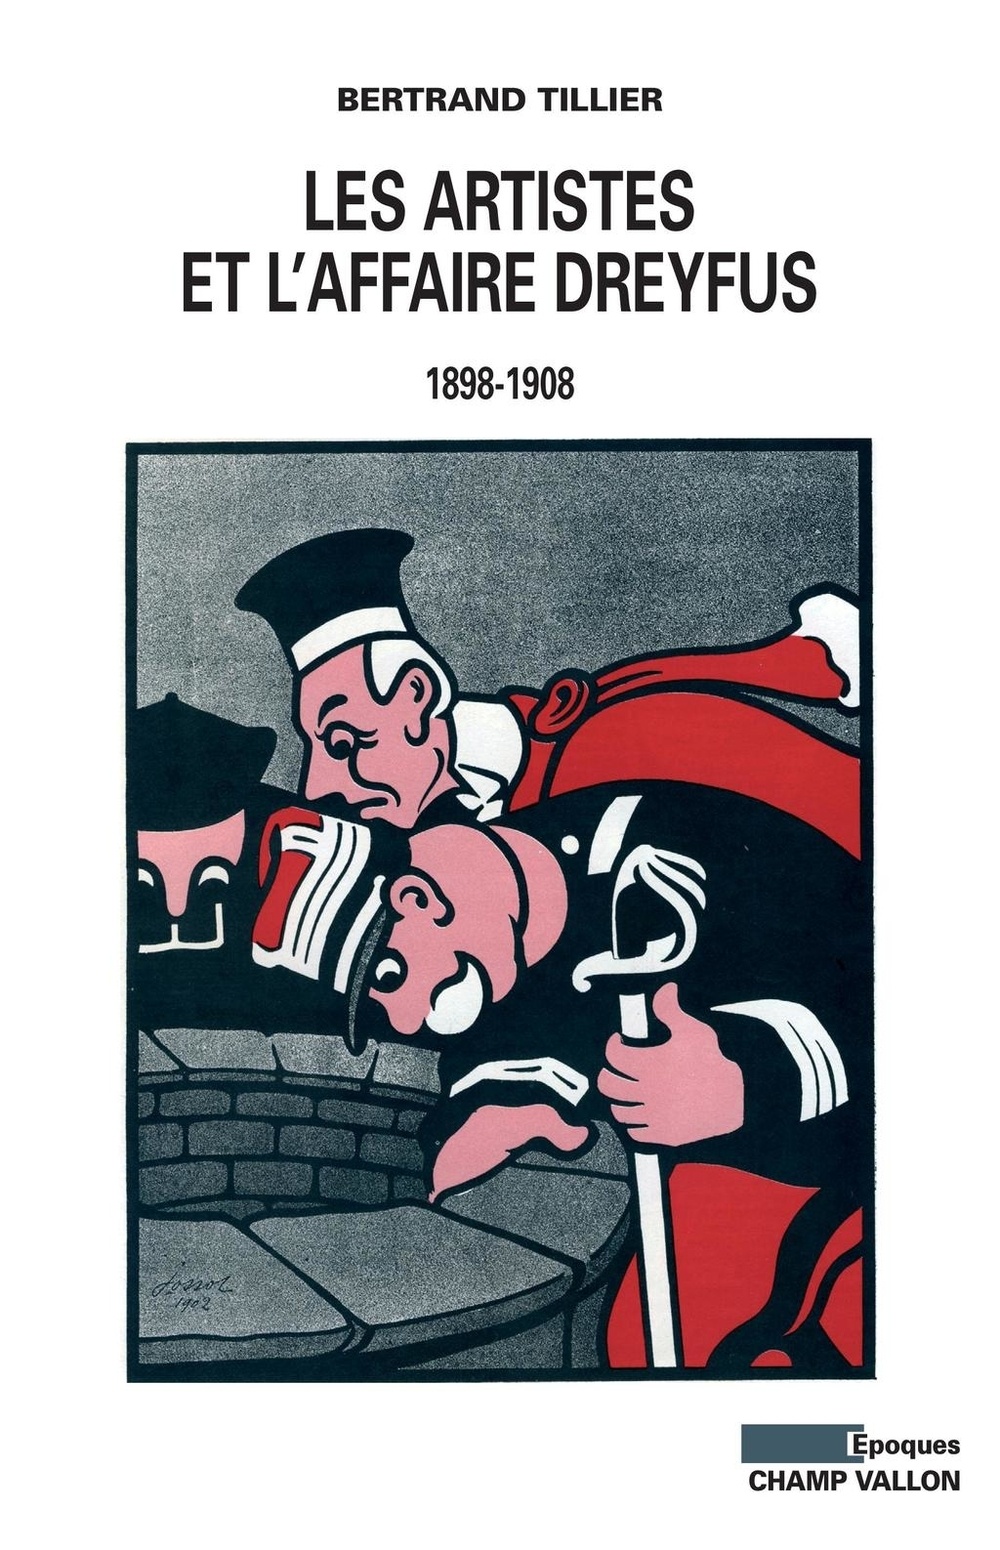 Les artistes et l'affaire Dreyfus